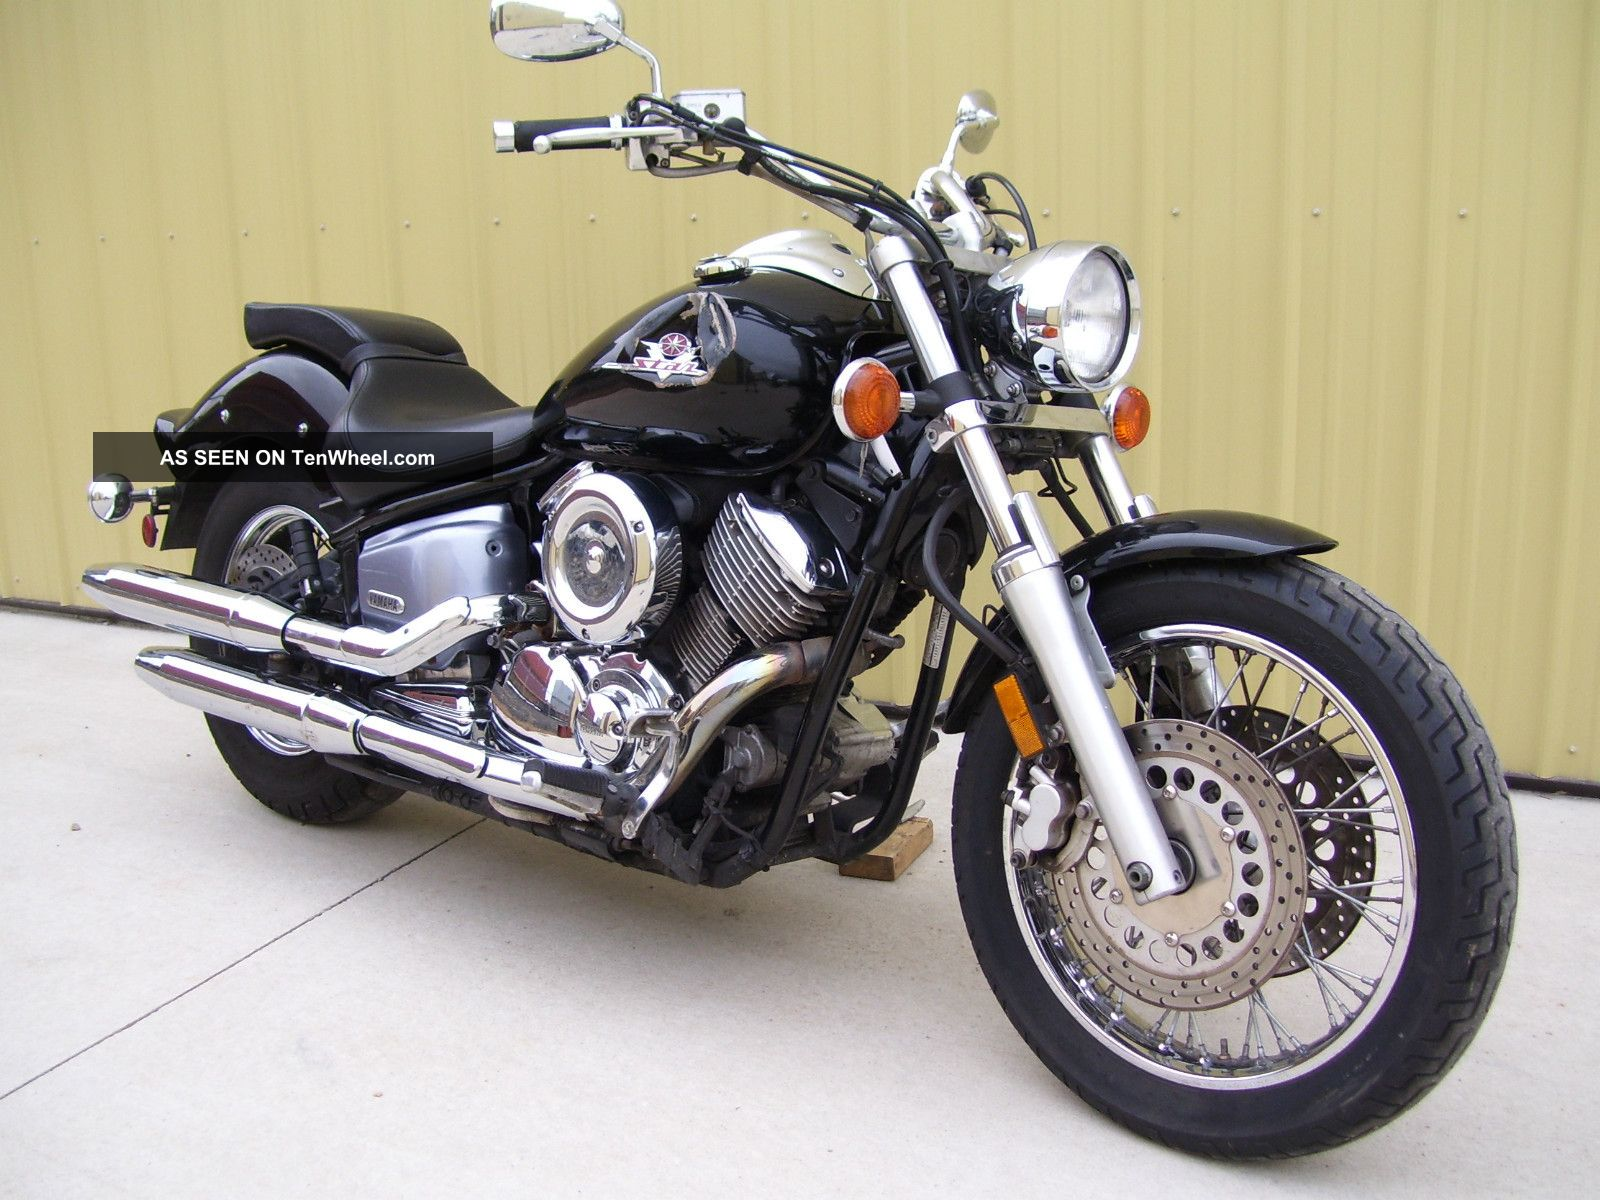 2001 Yamaha Xvs1100 Xvs - 1100 Xvs 1100 Vstar V - Star V Star - Runs + Drives Great V Star photo